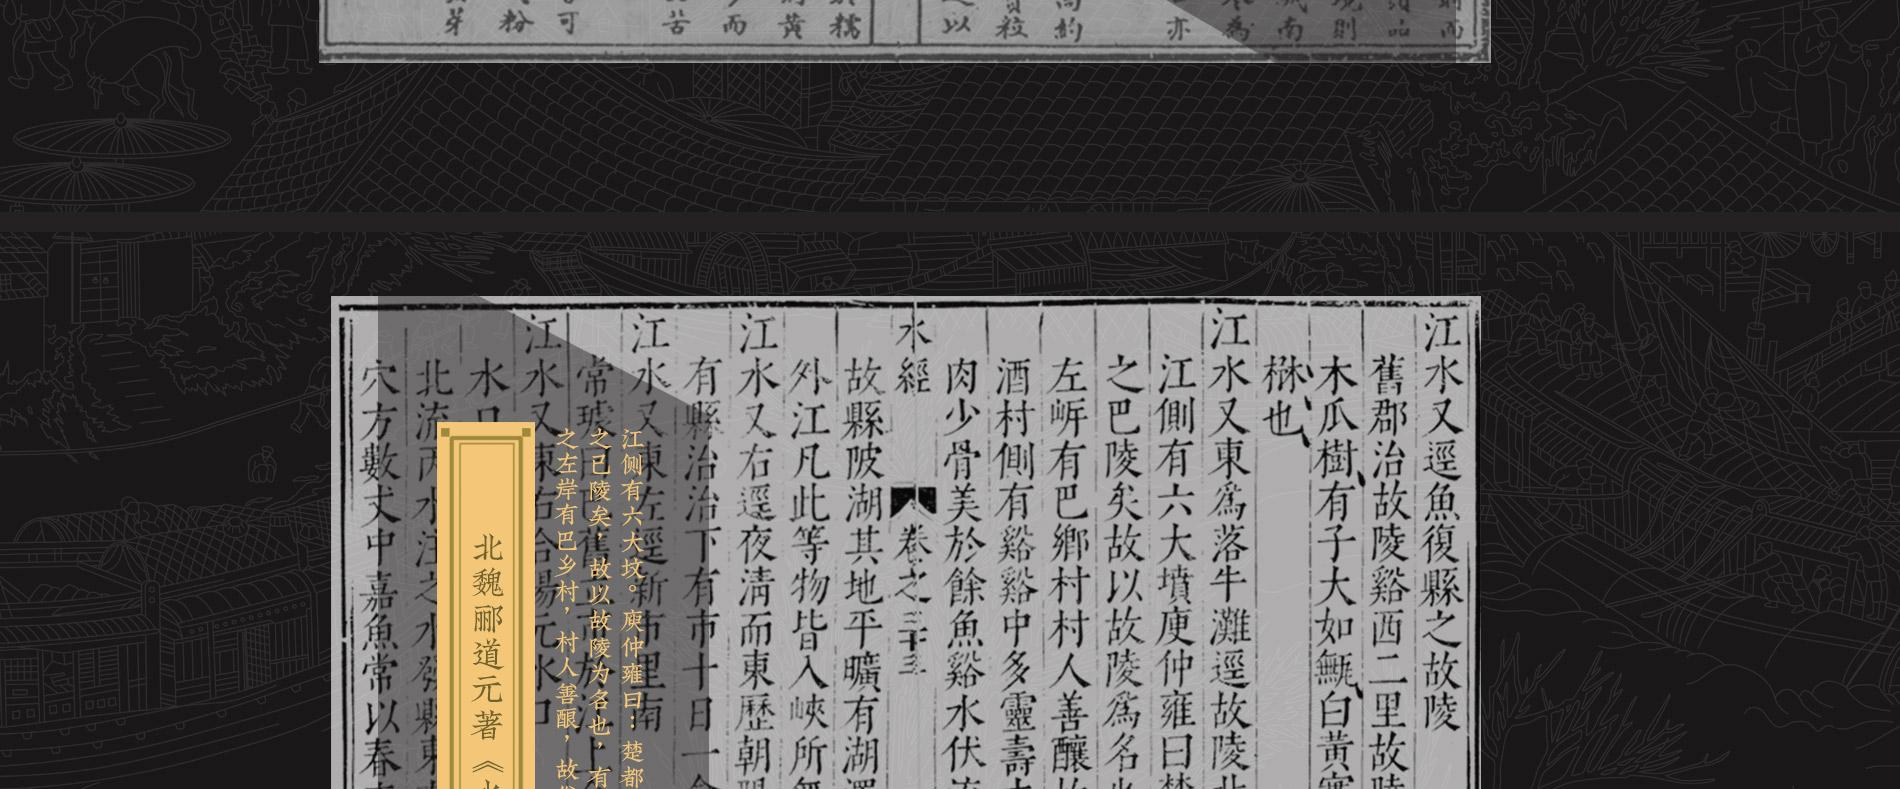 古书记载-恢复的_04.jpg